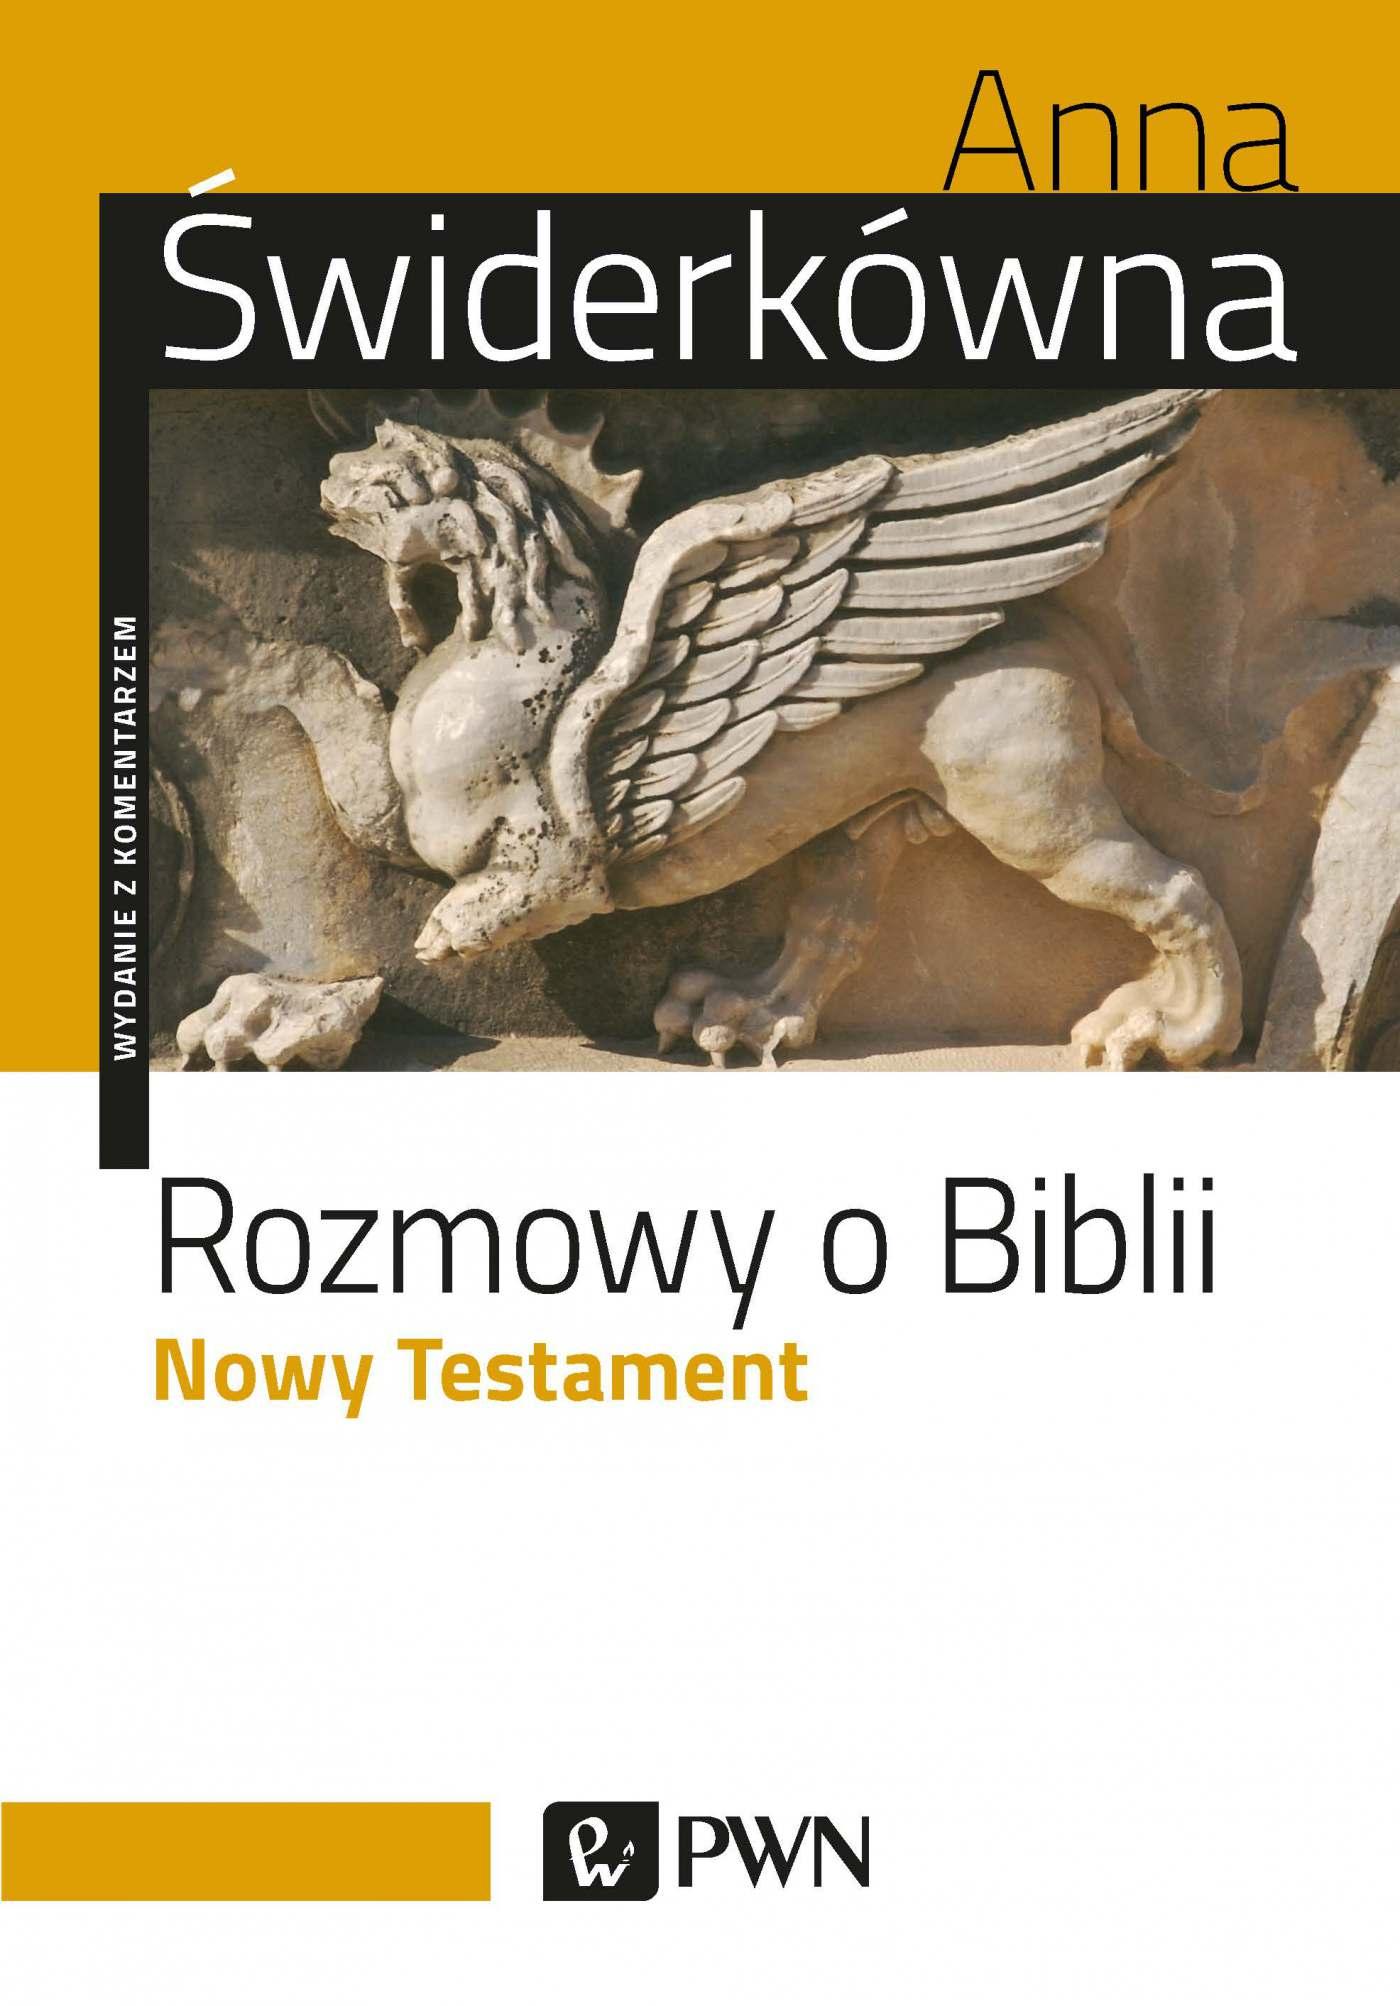 Rozmowy o Biblii. Nowy testament. Wydanie z komentarzem - Ebook (Książka EPUB) do pobrania w formacie EPUB